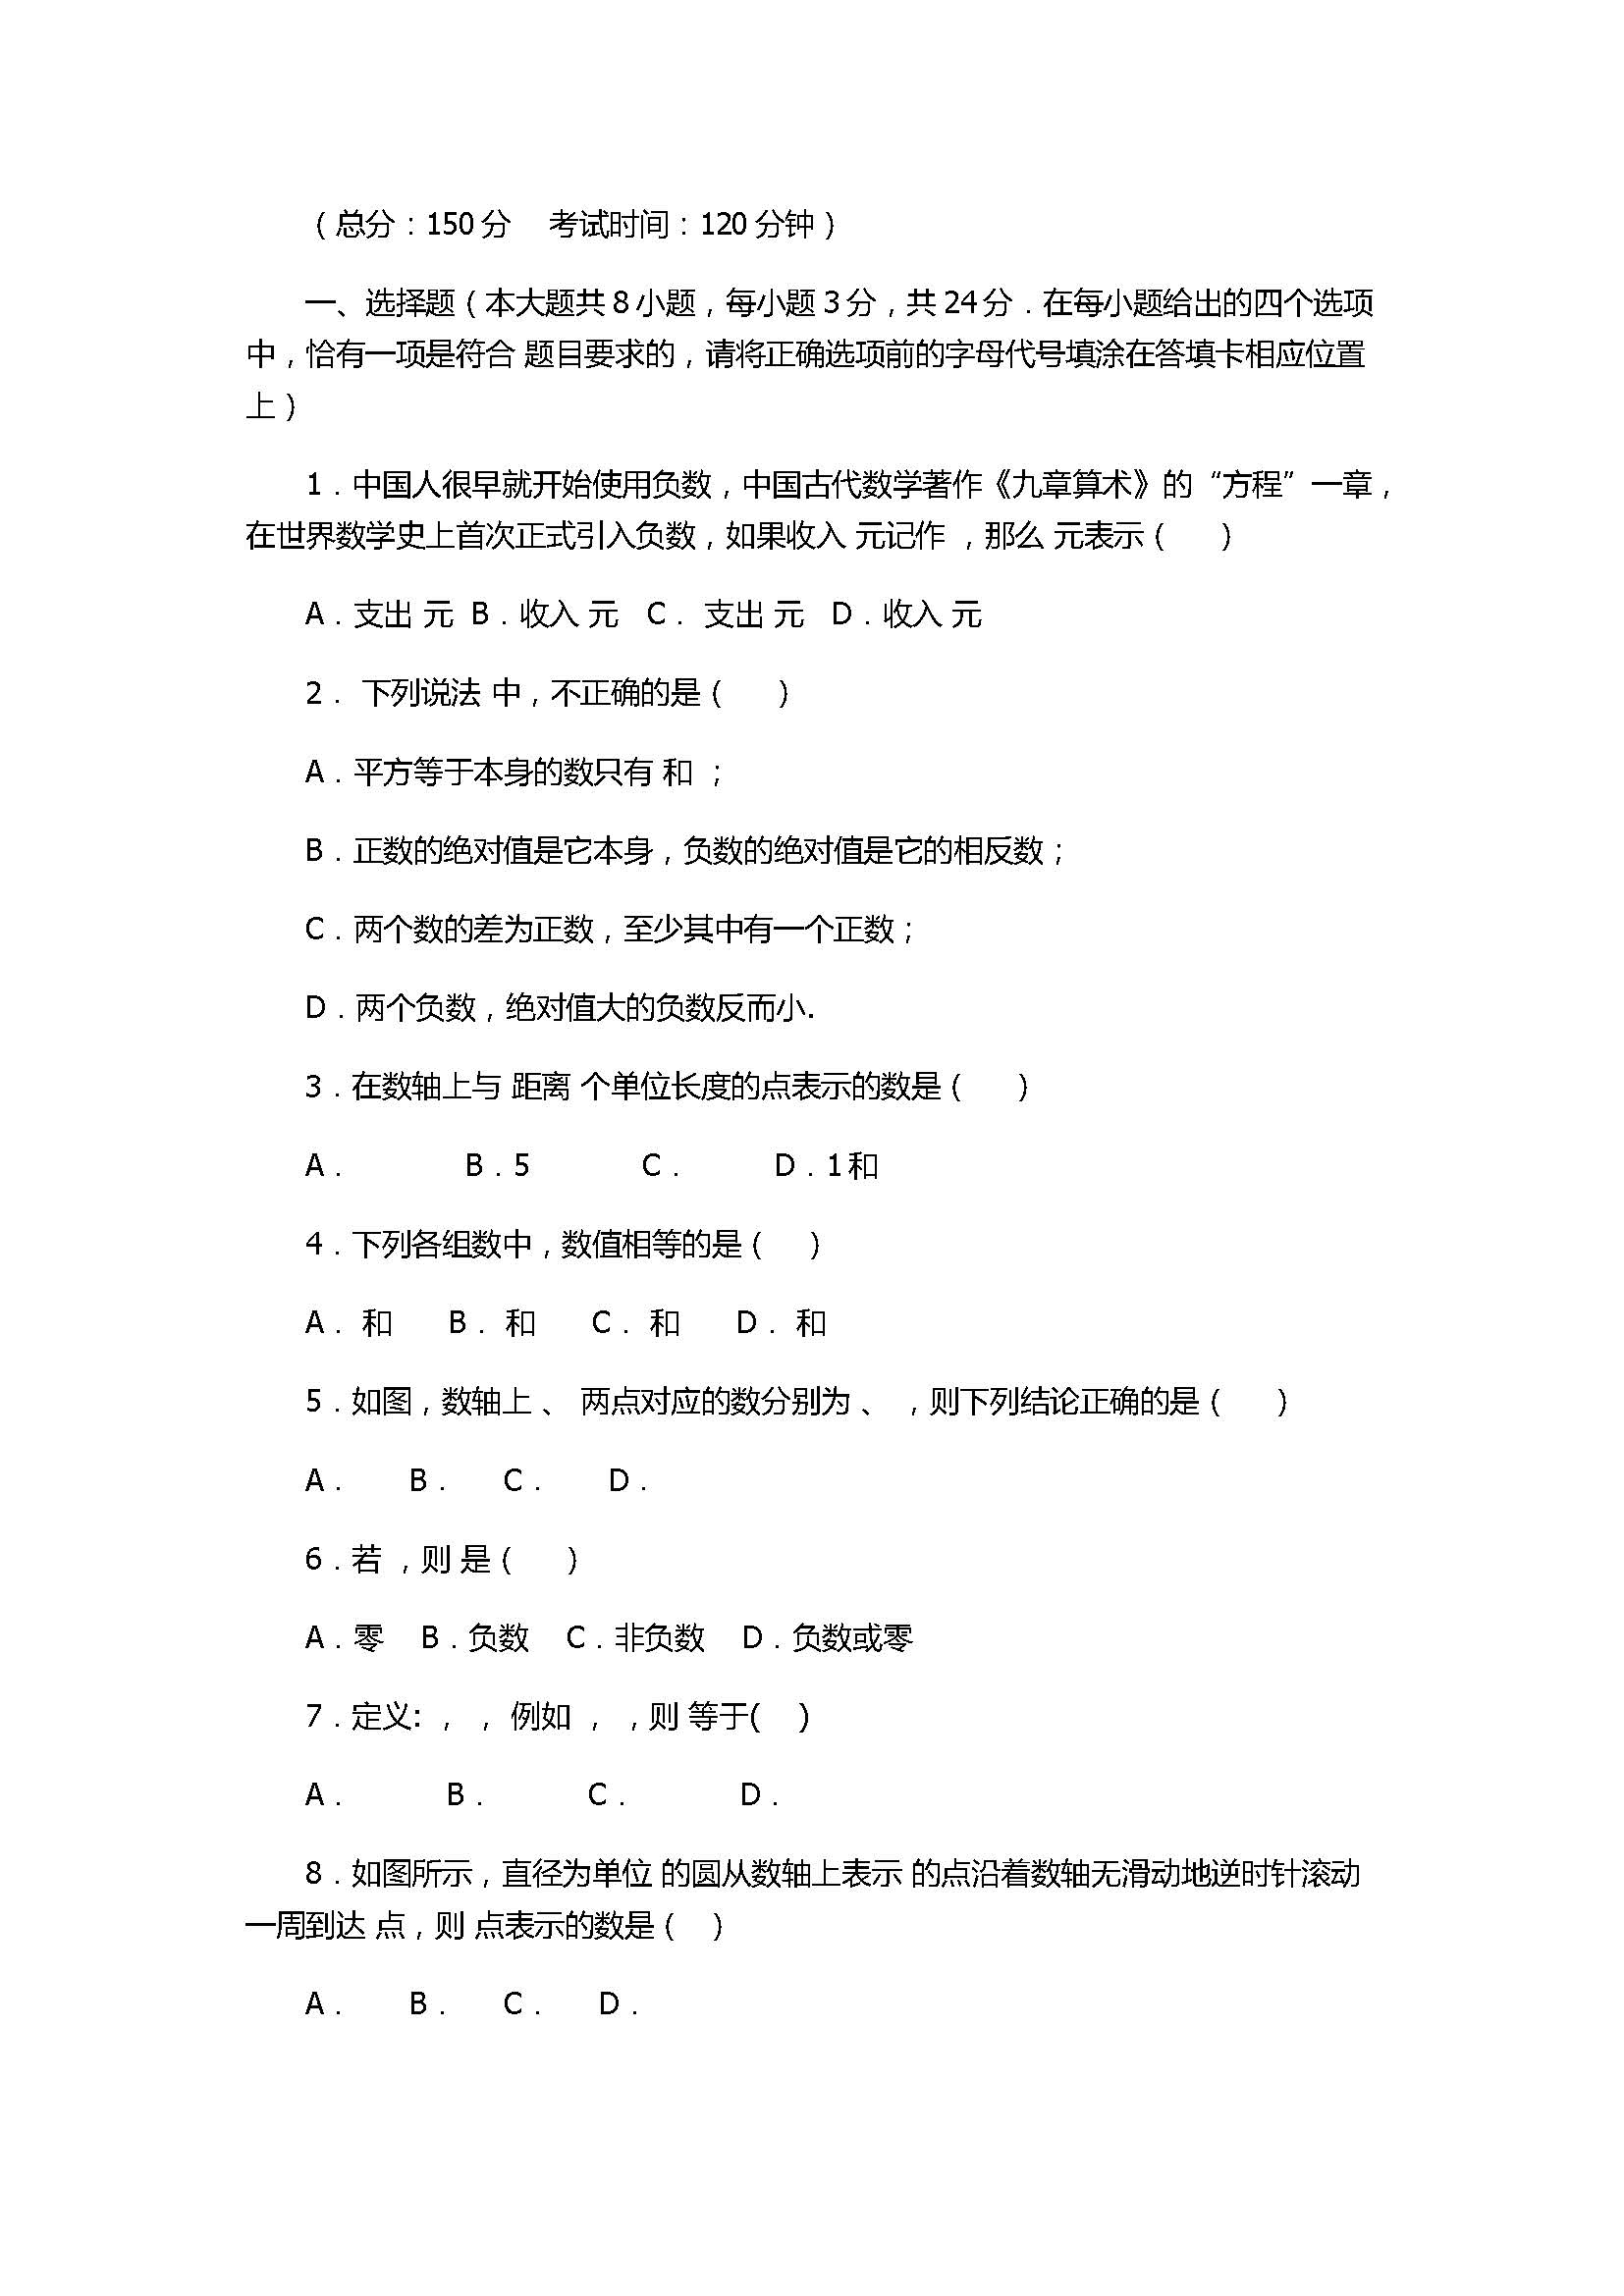 2017七年级数学上册月考调研试题含答案(扬州市刊江区)